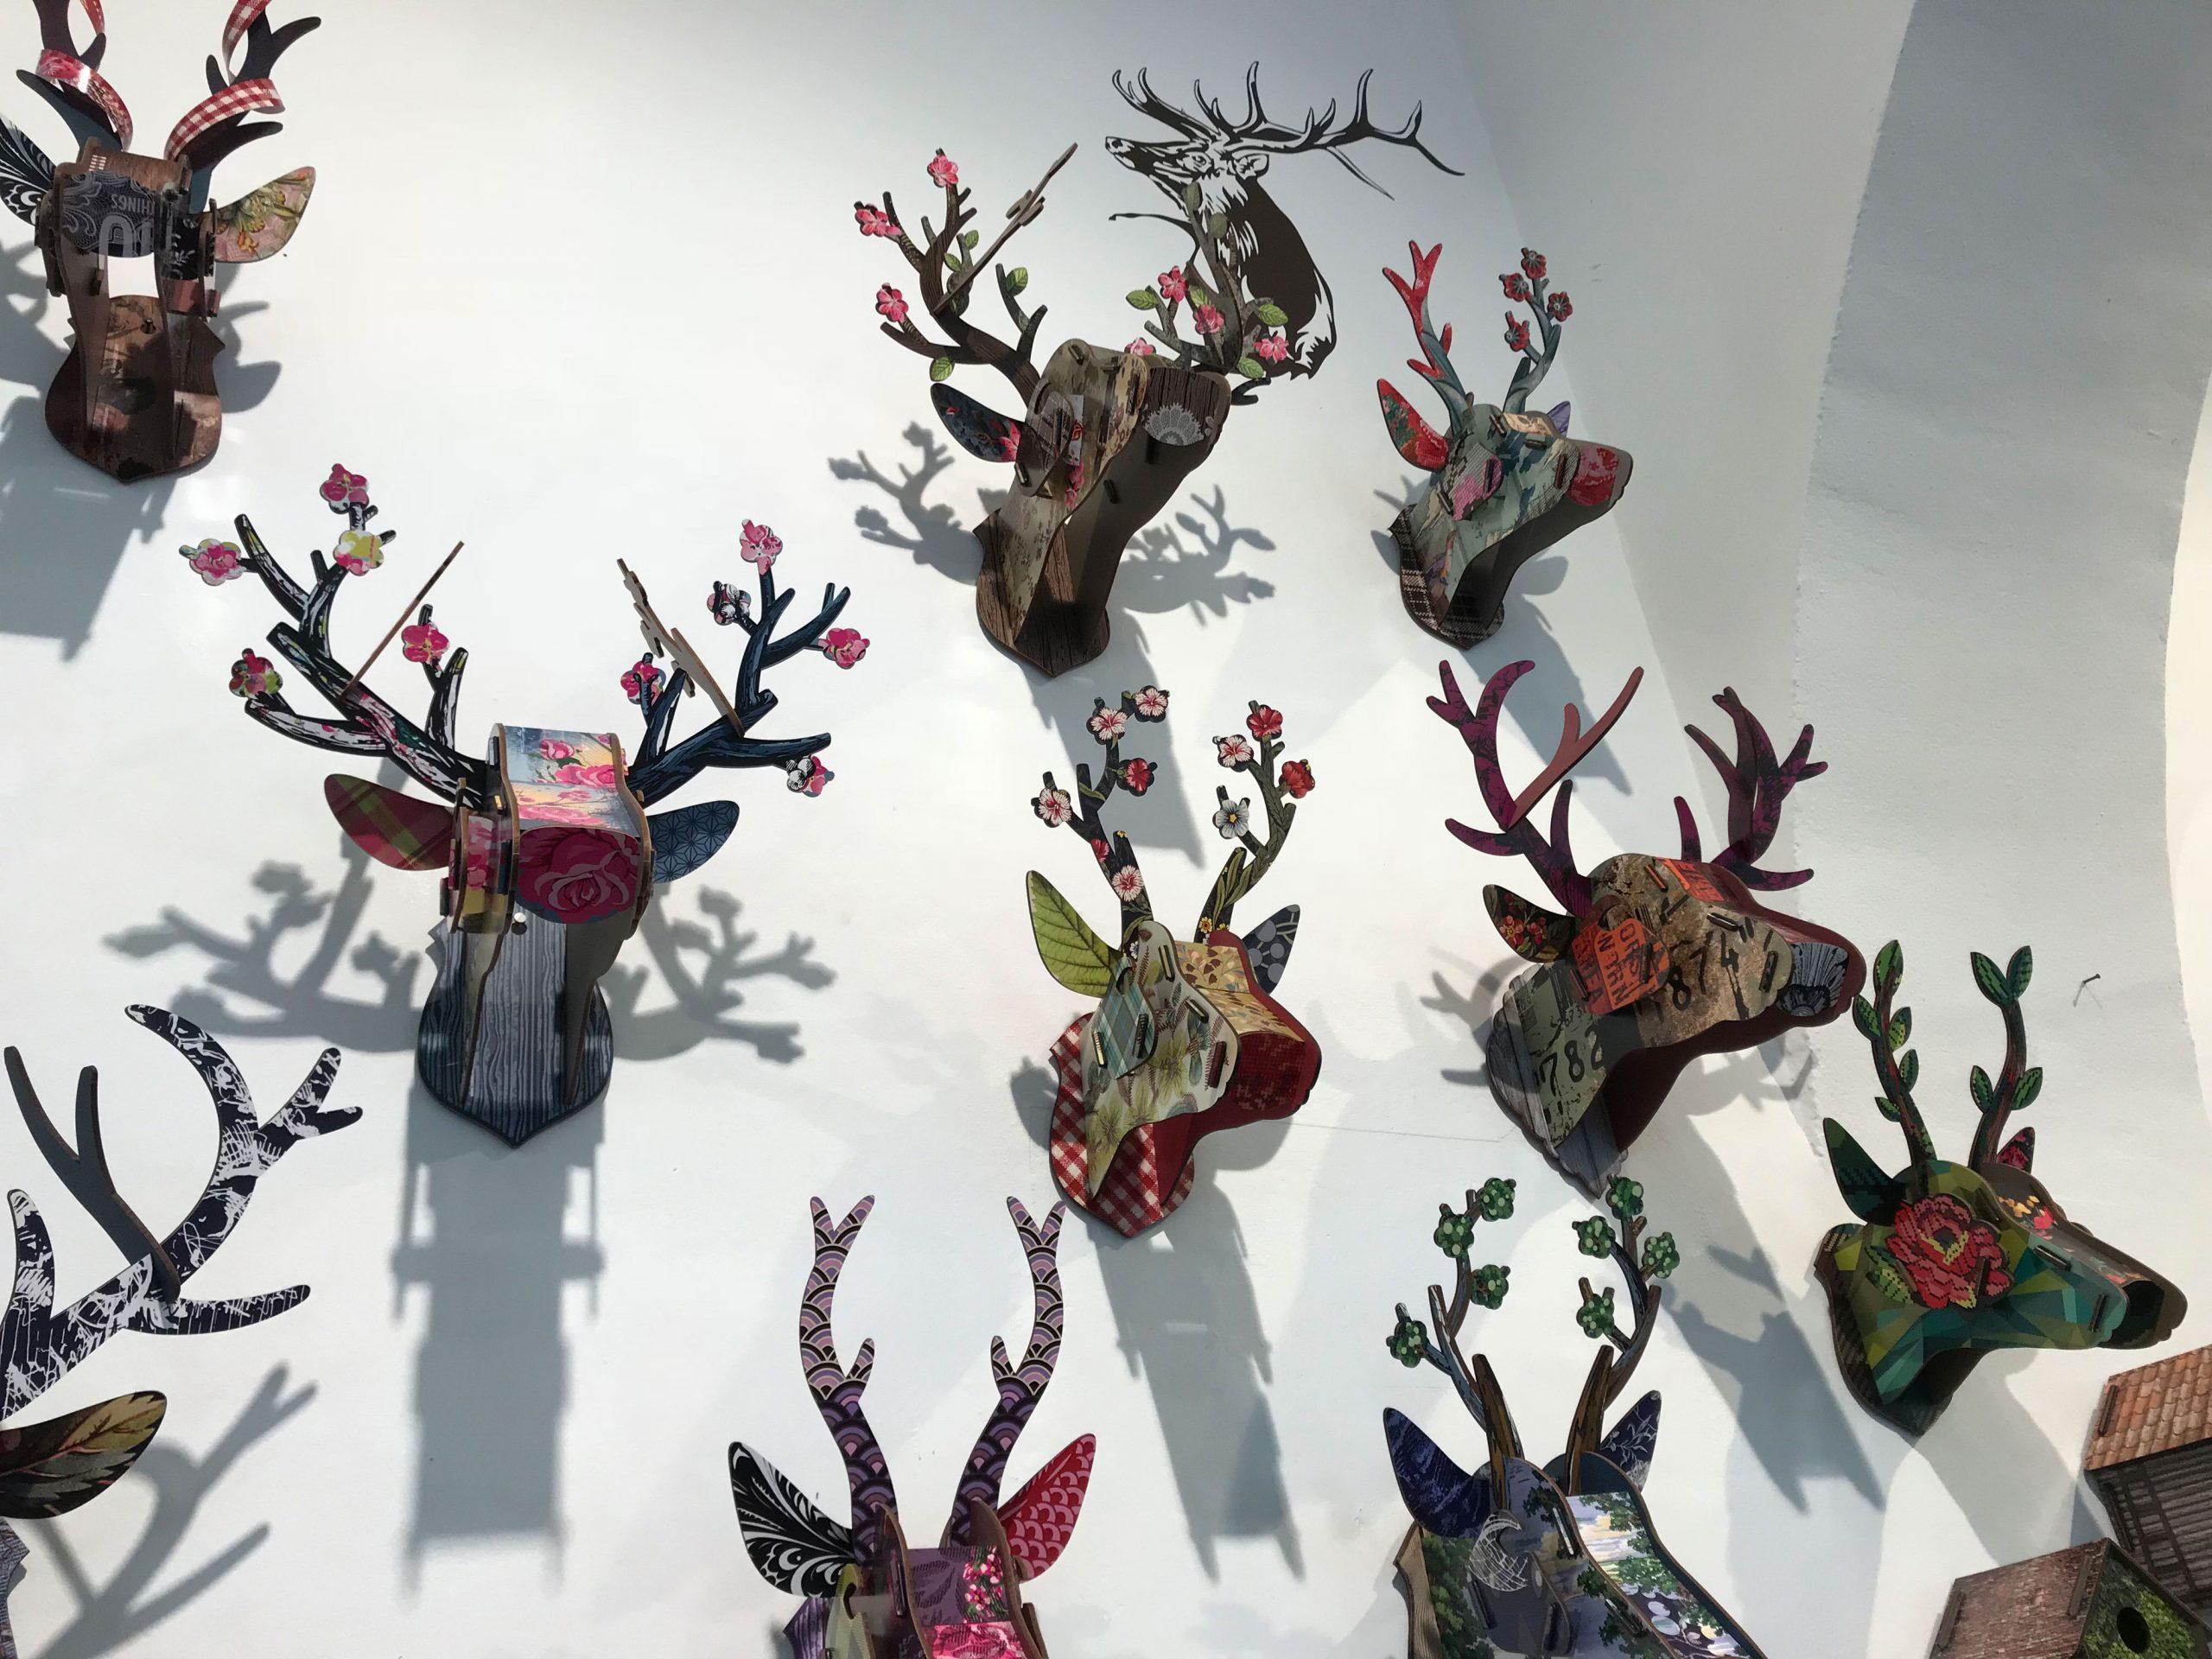 Wohnaccessoires und Dekoration jagdlich inspiriert, Jagdfakten.at